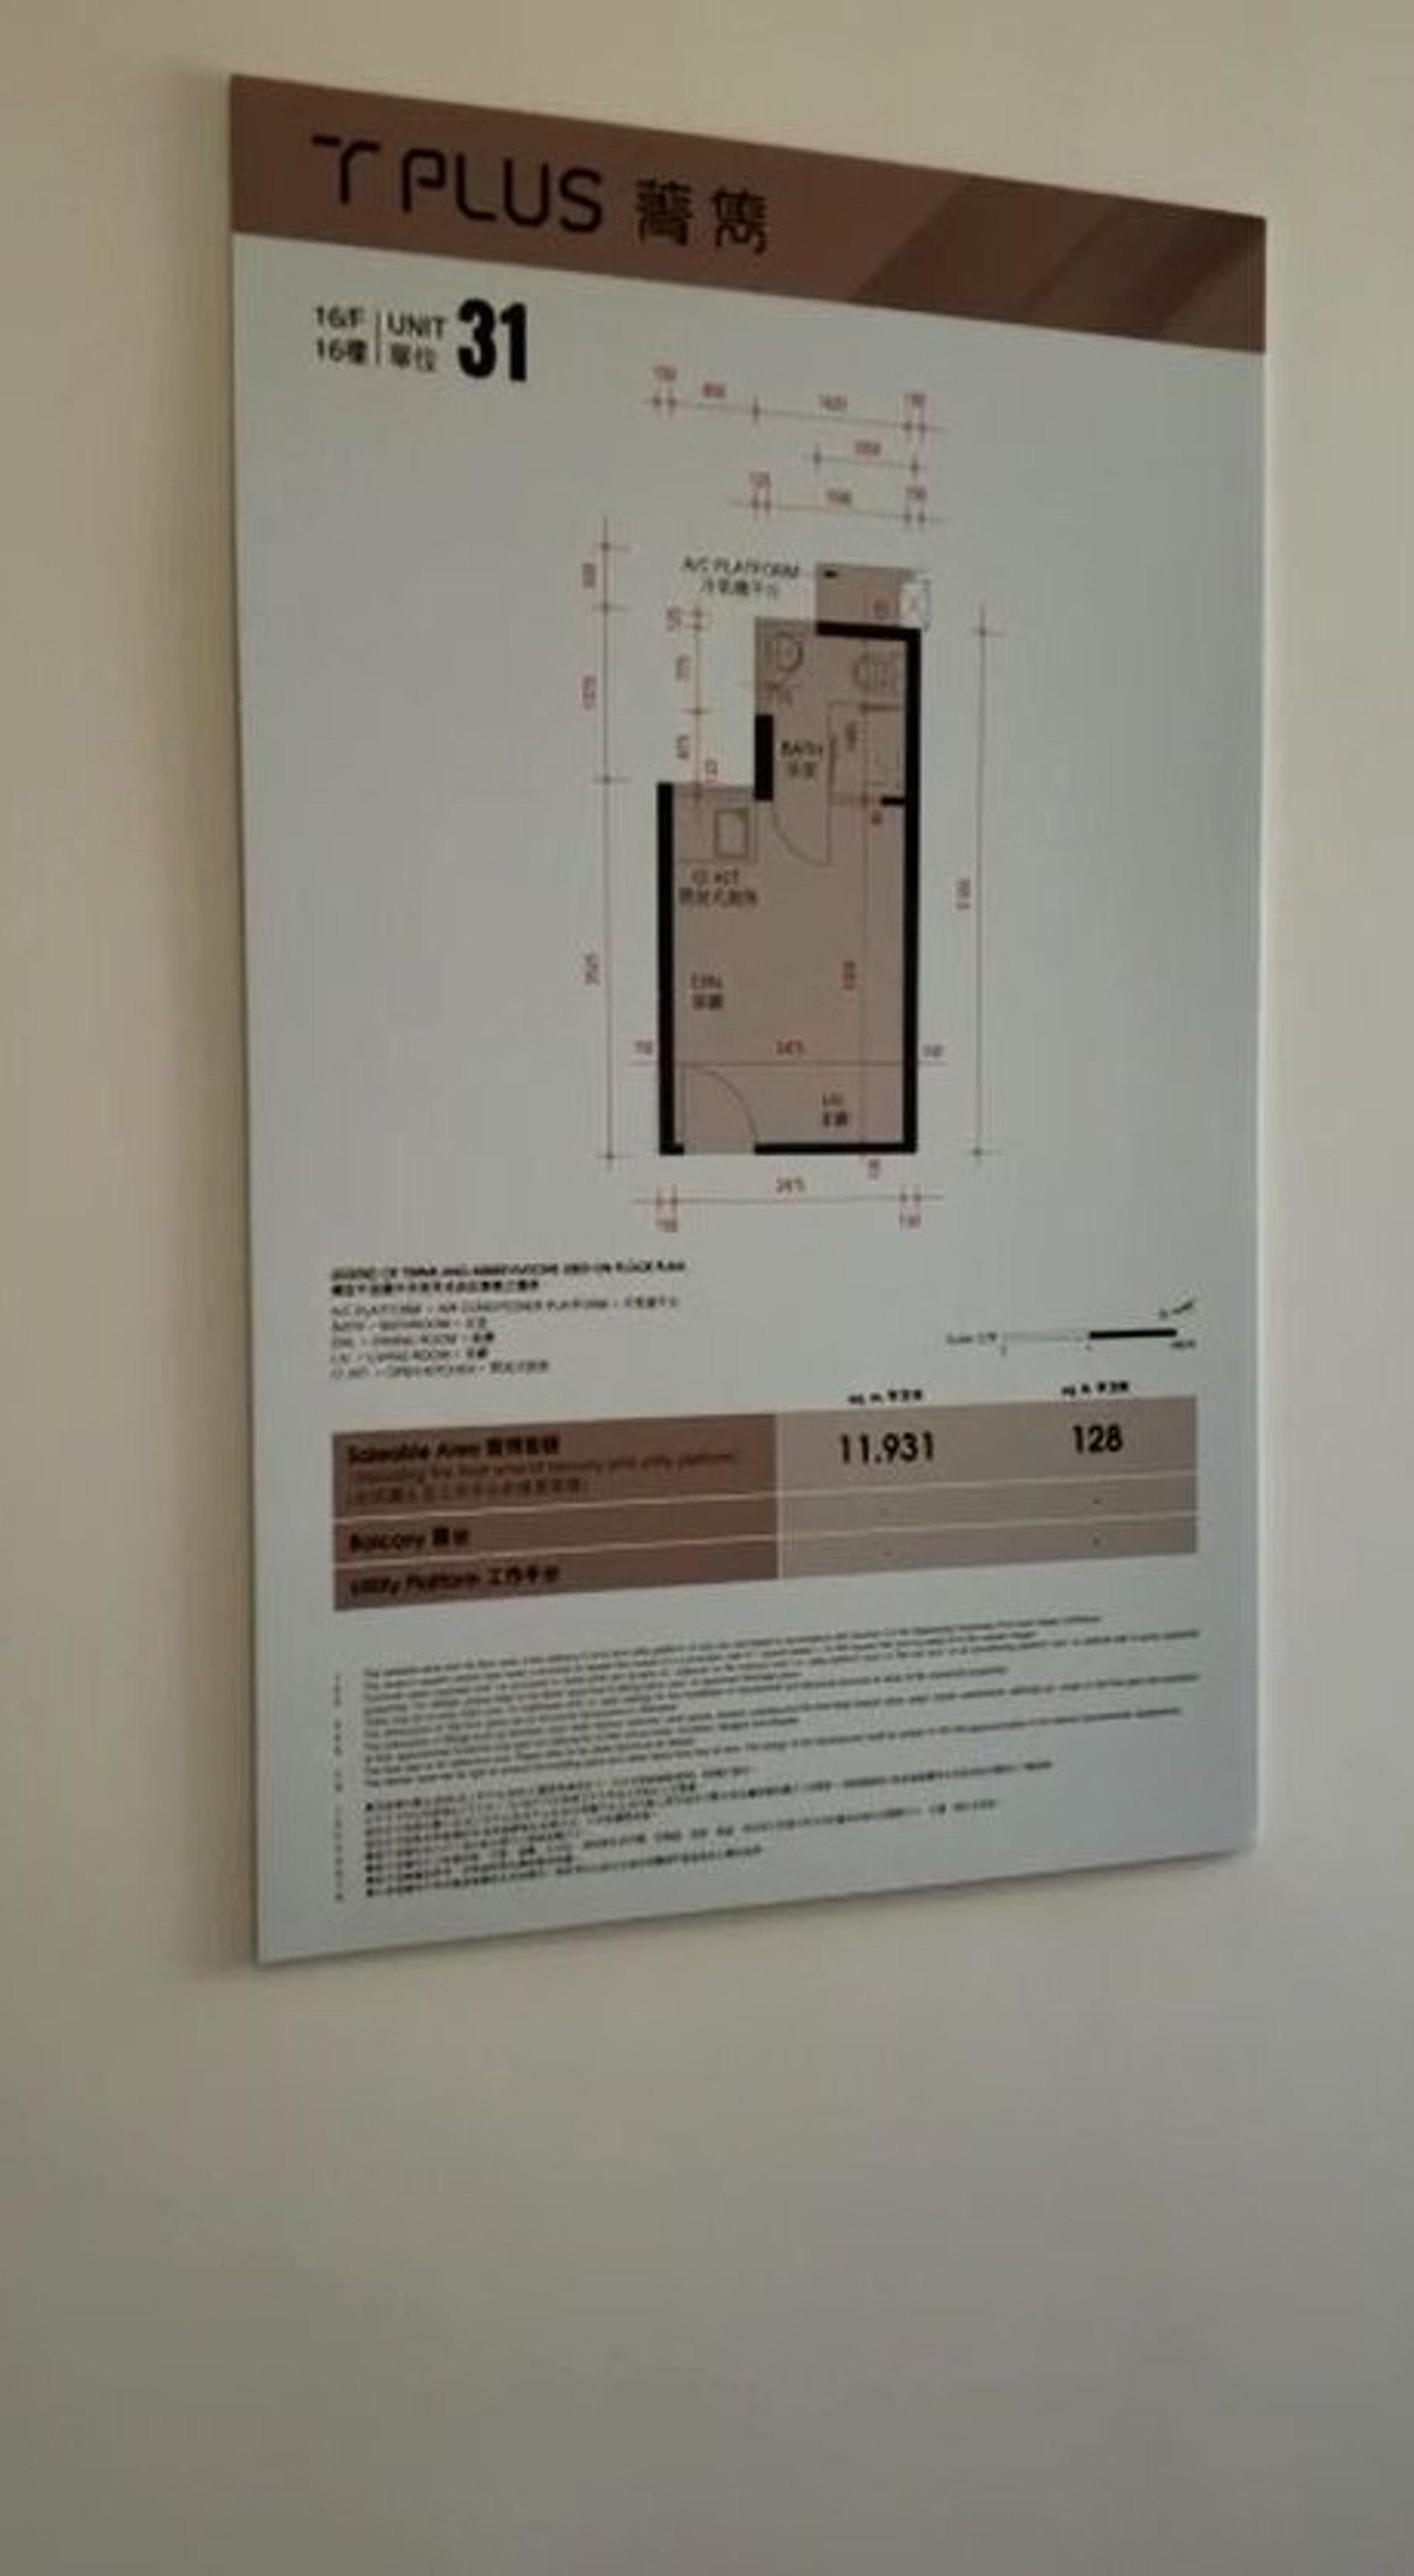 現樓單位為16樓31室的128呎「龍床」單位。(代理提供片段)